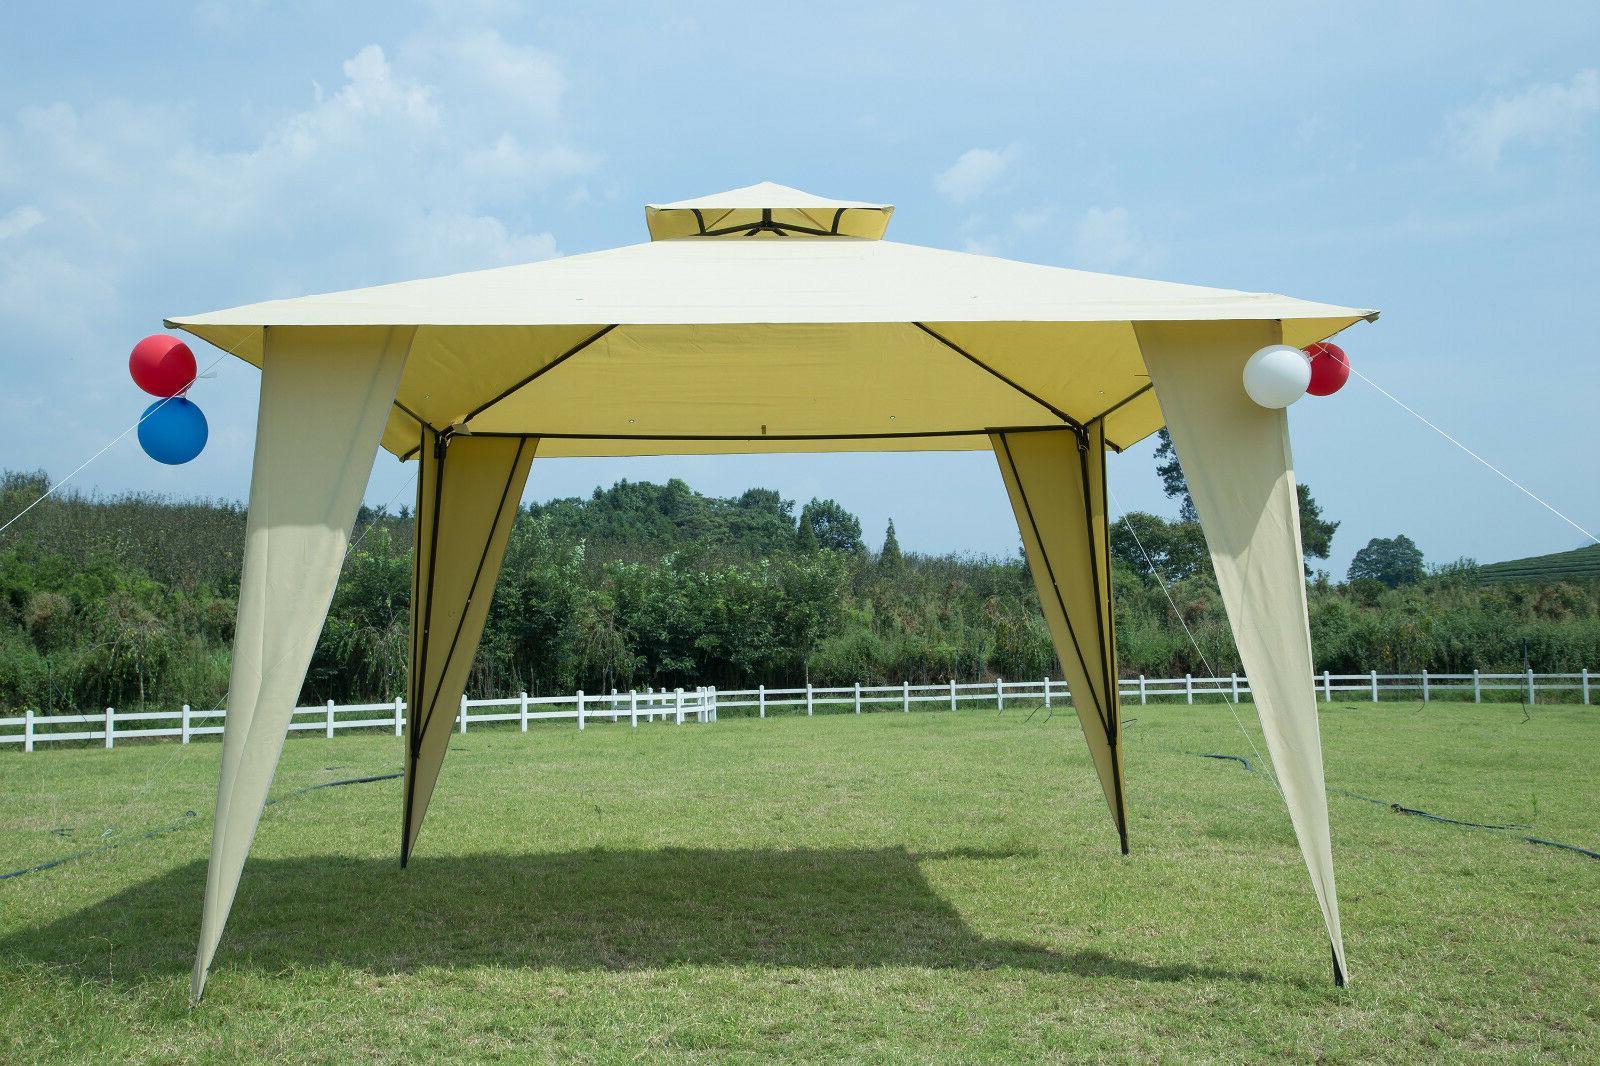 12x12 Garden Metal Gazebo Patio 2-tier Yard Canopy